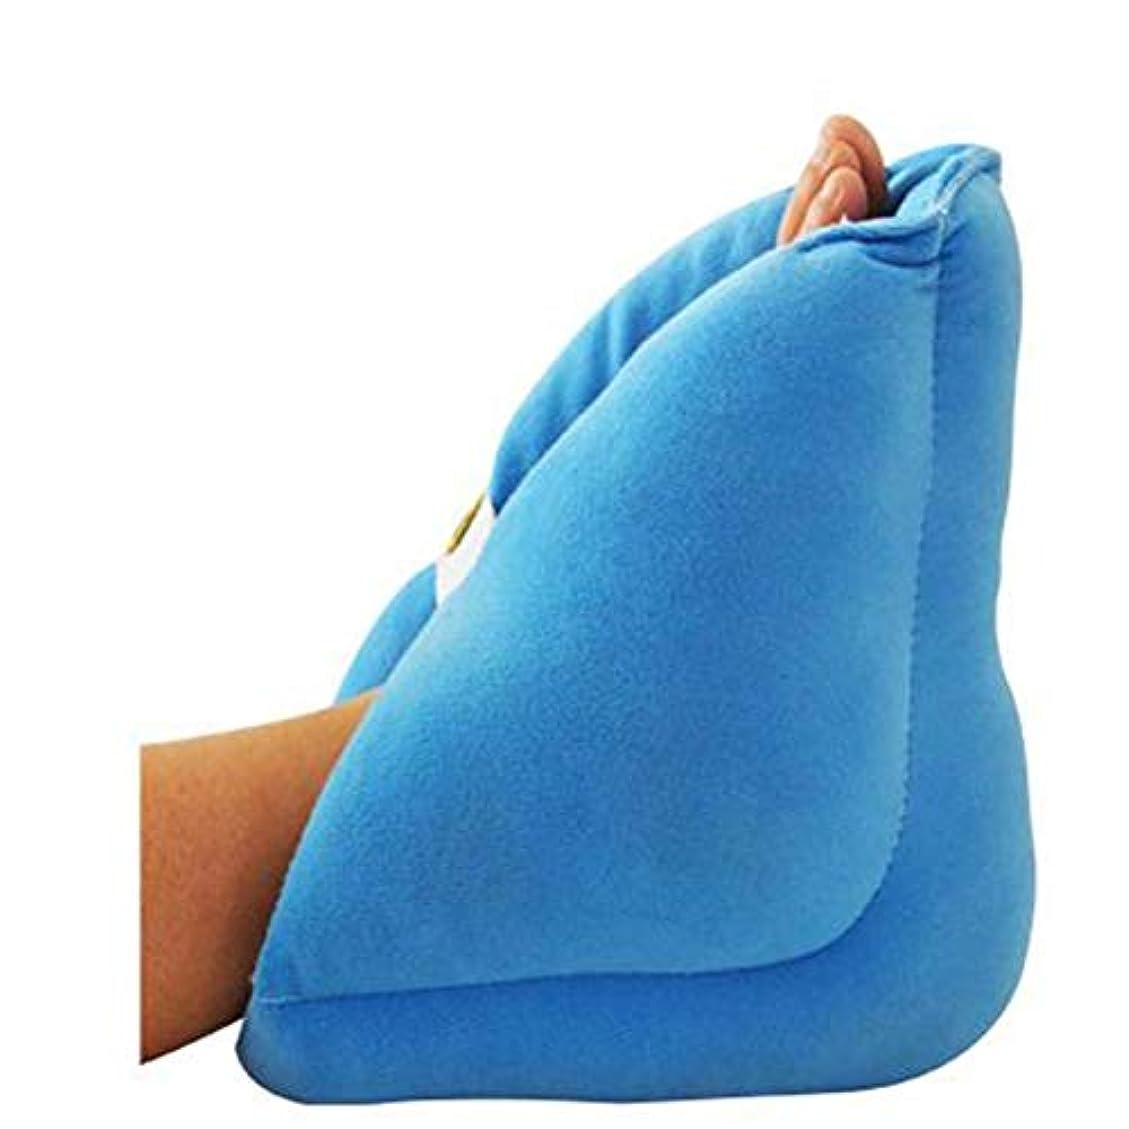 ランチベイビーホームレス抗床ずれヒールプロテクター枕、圧力緩和ヒールプロテクター、患者ケアヒールパッド足首プロテクタークッション、効果的な床ずれおよび足潰瘍緩和フットピロー (2PCS)